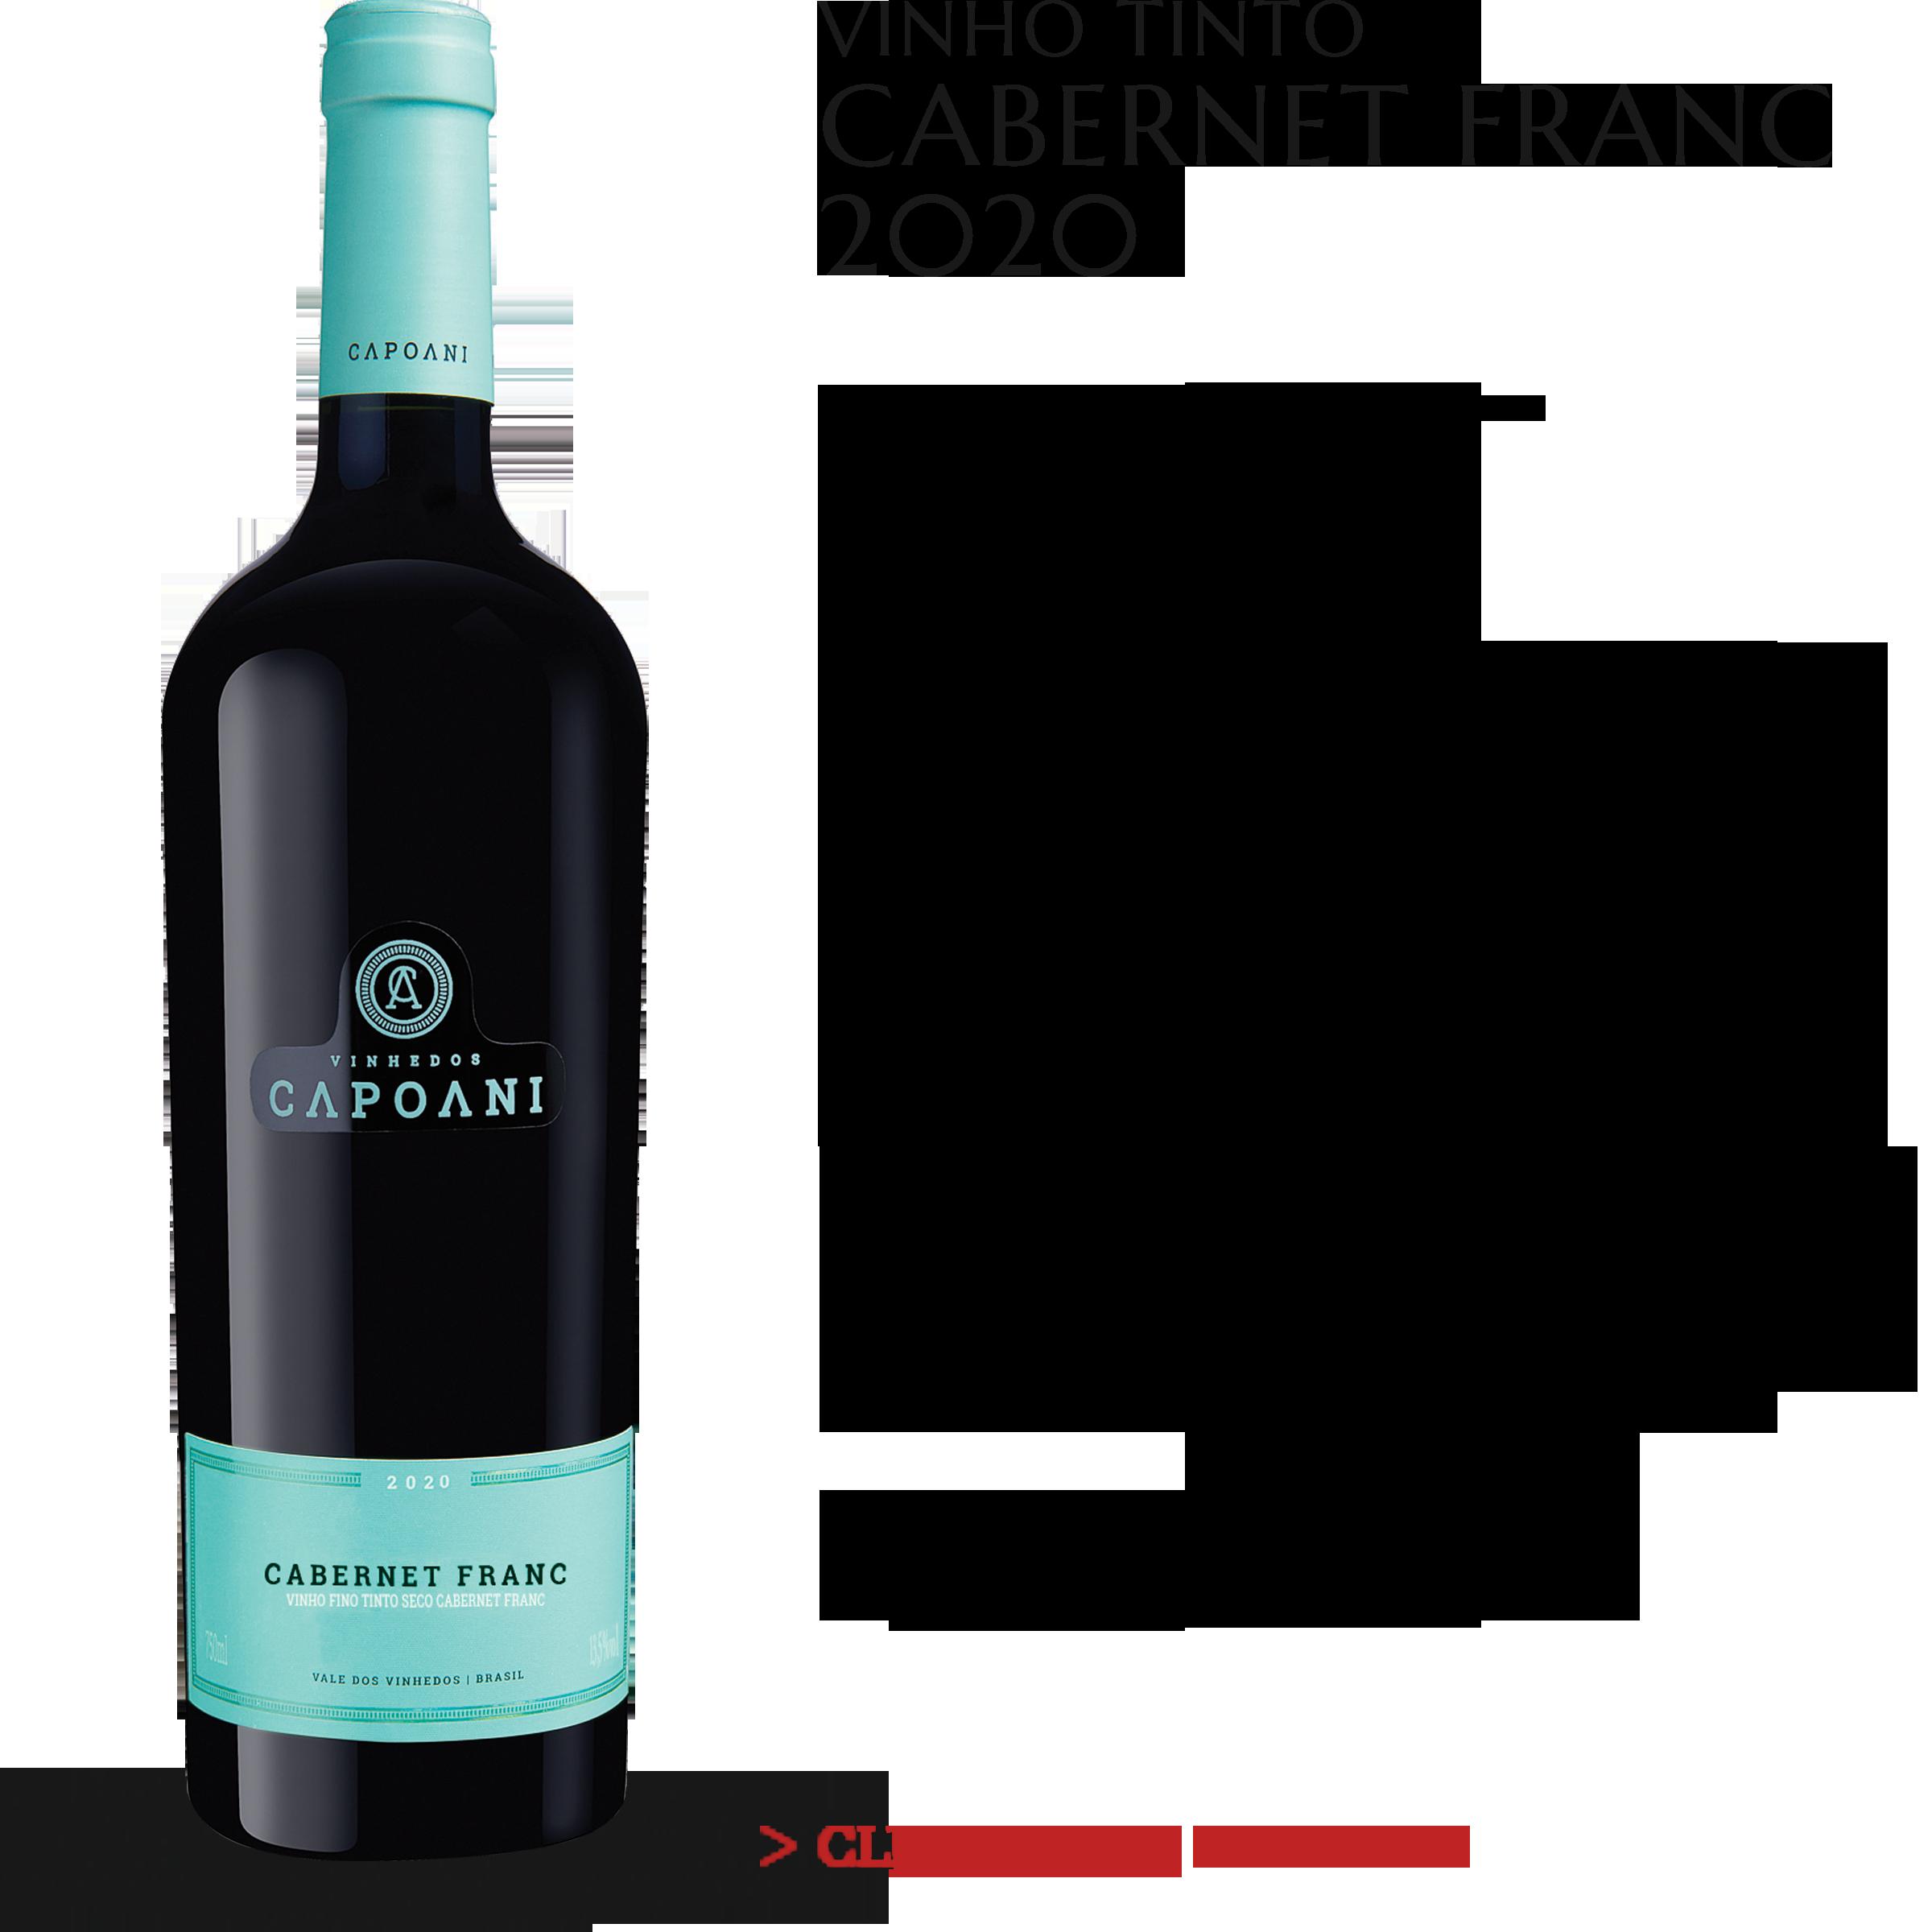 Vinho Tinto Cabernet Franc 2020